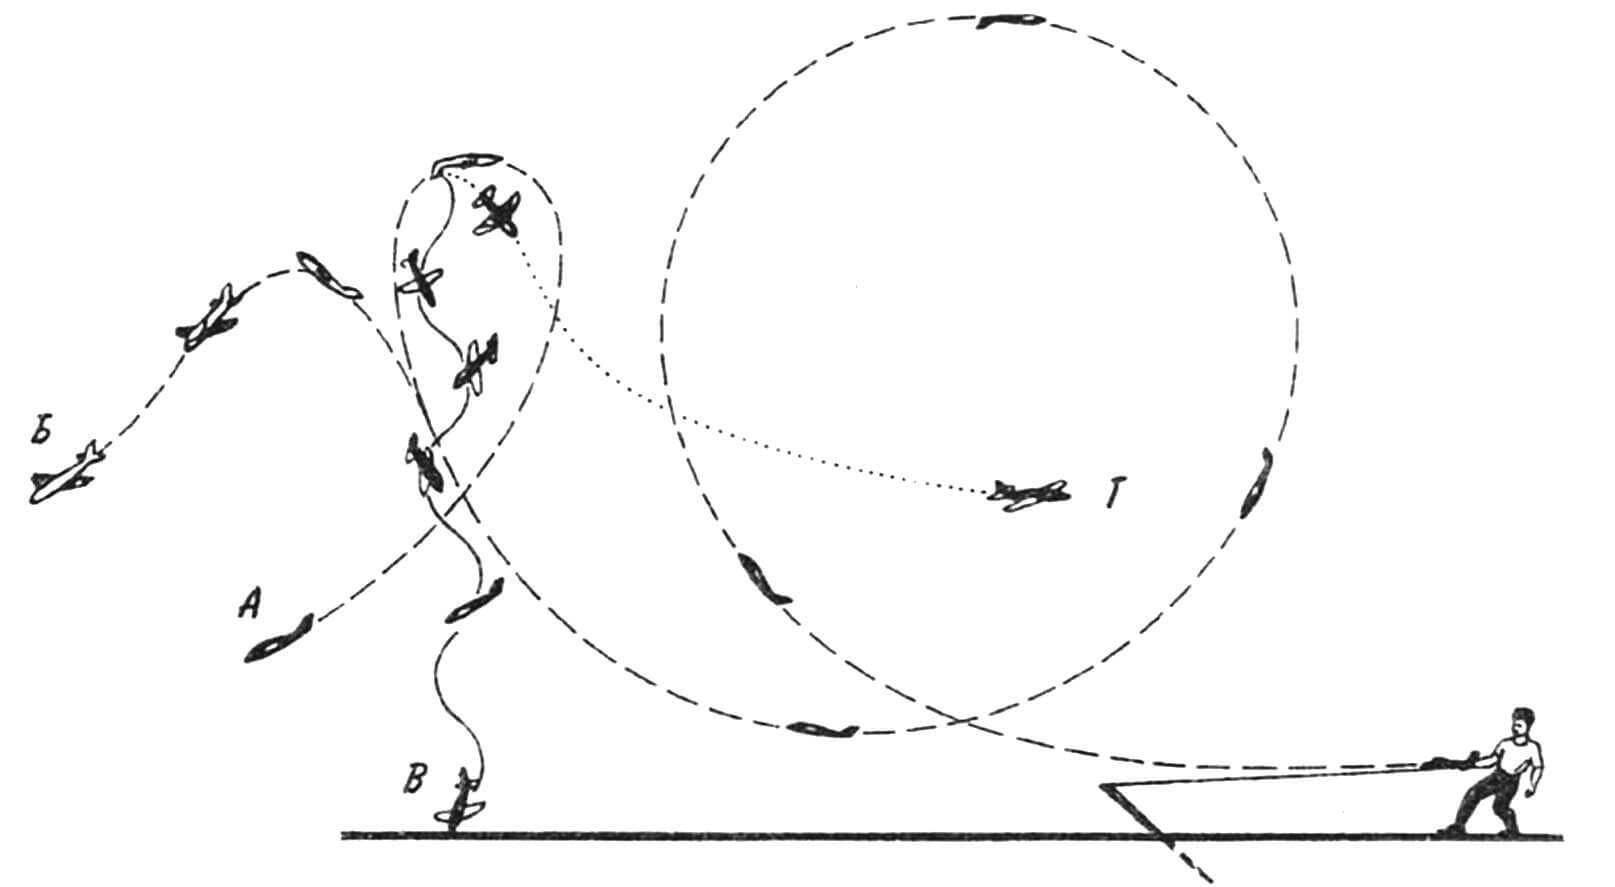 Траектории полета катапультируемых моделей в зависимости от натяжения резинового шнура катапульты: А — двойная петля с переходом на планирование из второго витка; Б — петля с переходом на горку и планирование; В — двойная петля с потерей скорости в верхней точке траектории второго витка и срывом в штопор; Г — петля с переходом к полупетле с переворотом через крыло (иммельман).